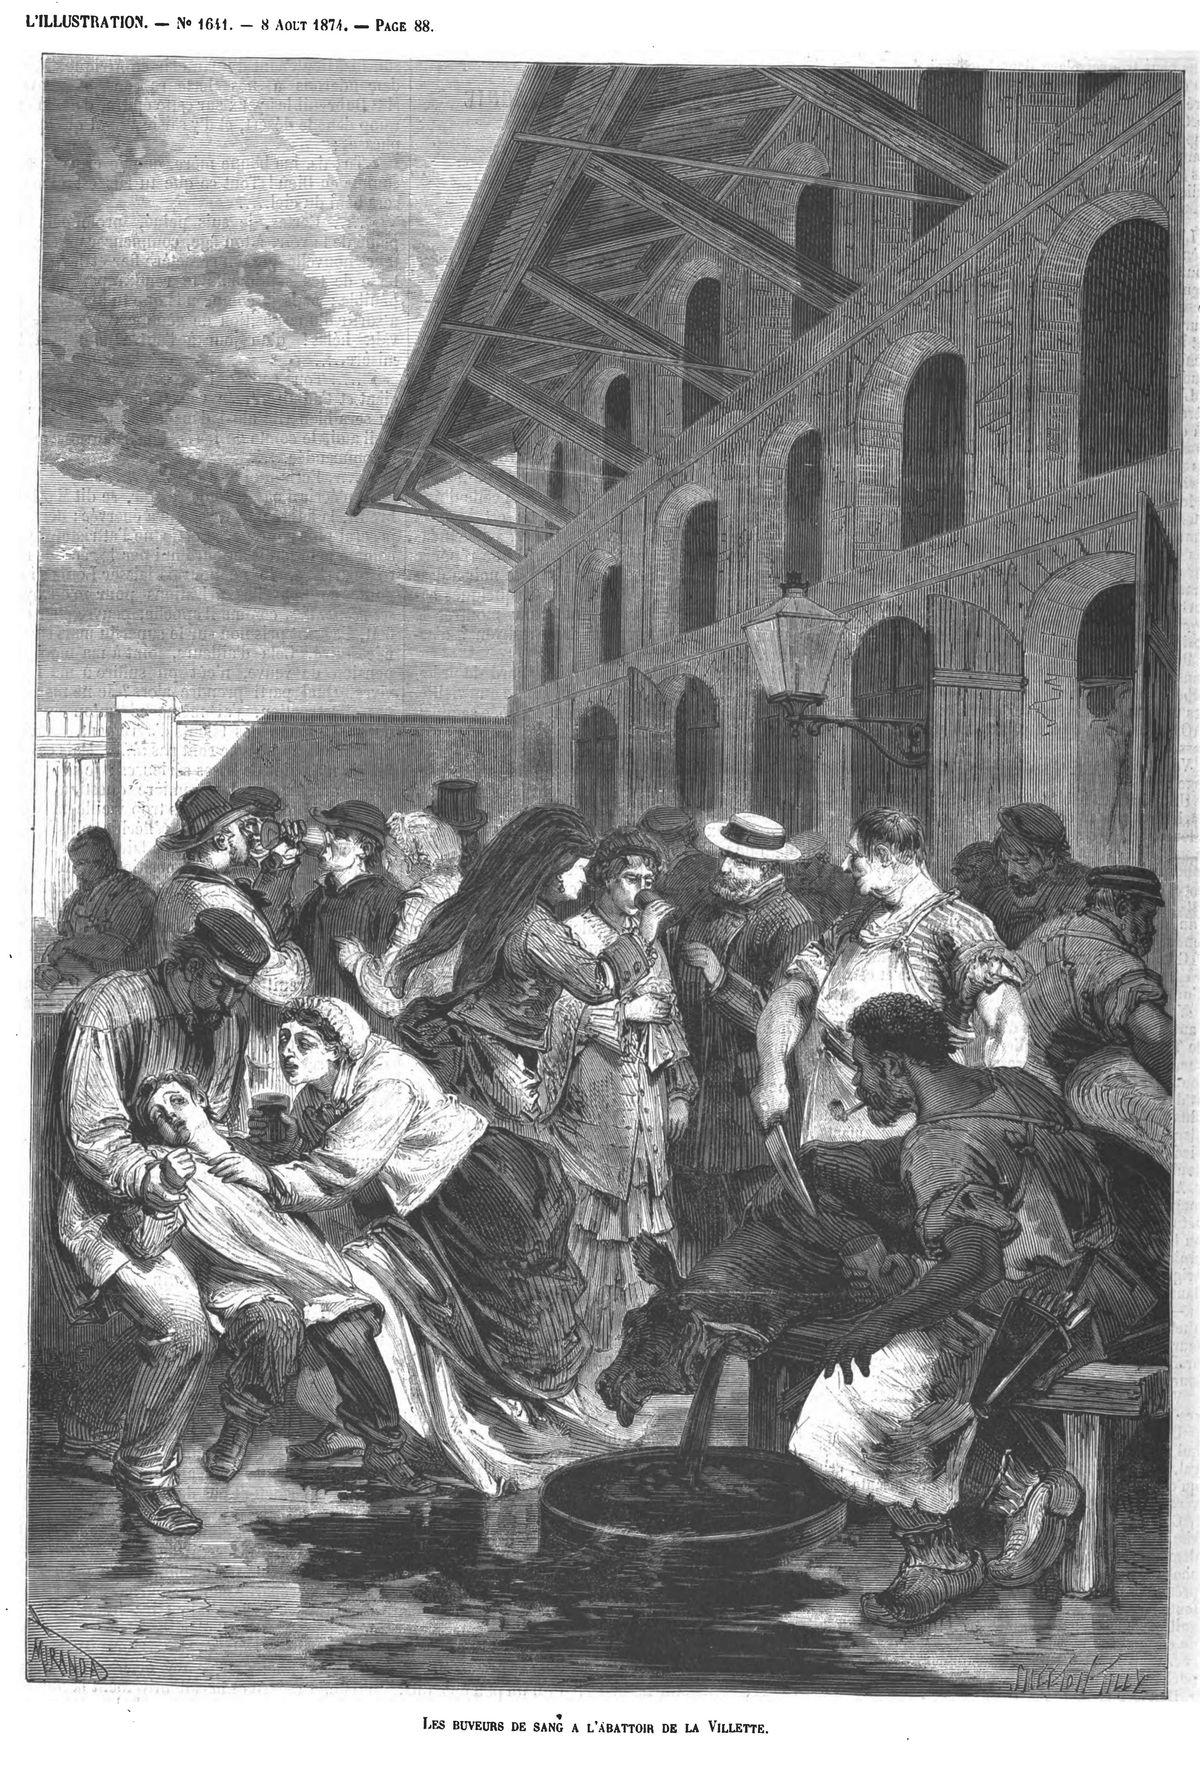 Les buveurs de sang à l'abattoir de la Villette.